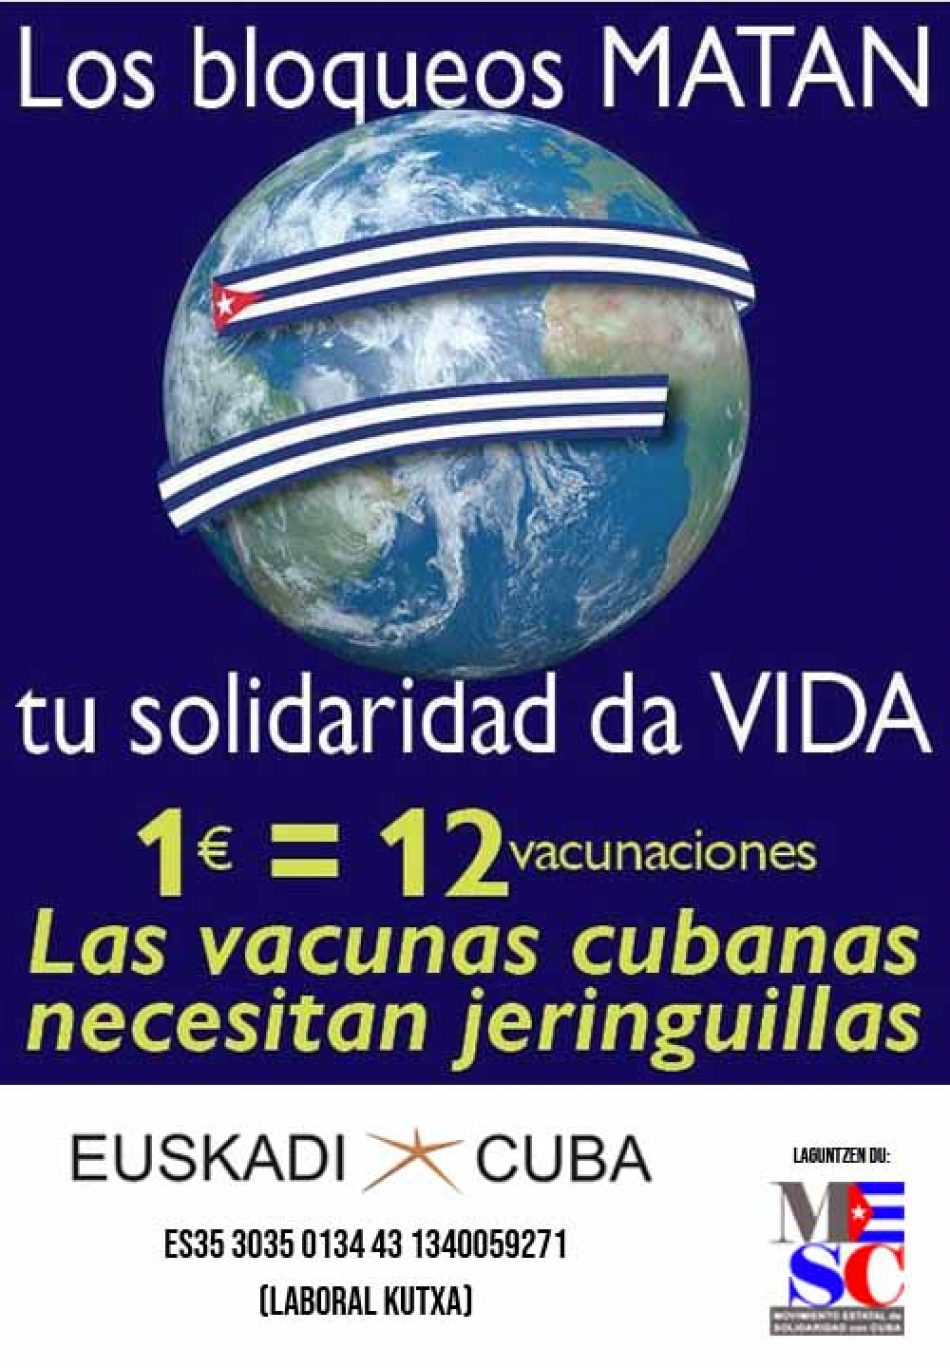 Euskadi-Cuba abre cuenta para la campaña mundial «Jeringuillas para Cuba» en apoyo a la vacunación en la Isla